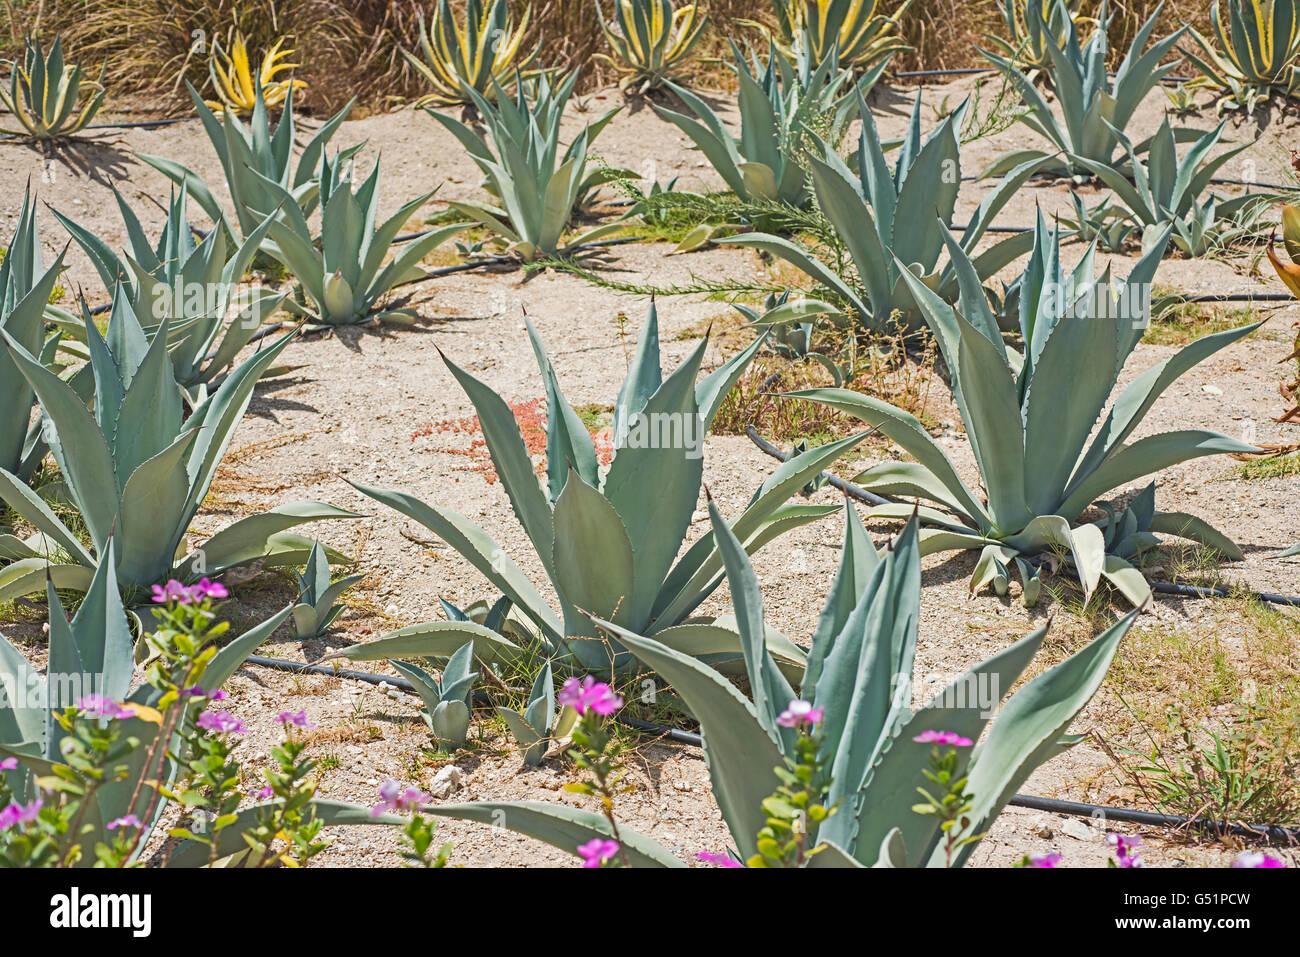 Grupo de grandes plantas de cactus en un rido desierto seco jardn